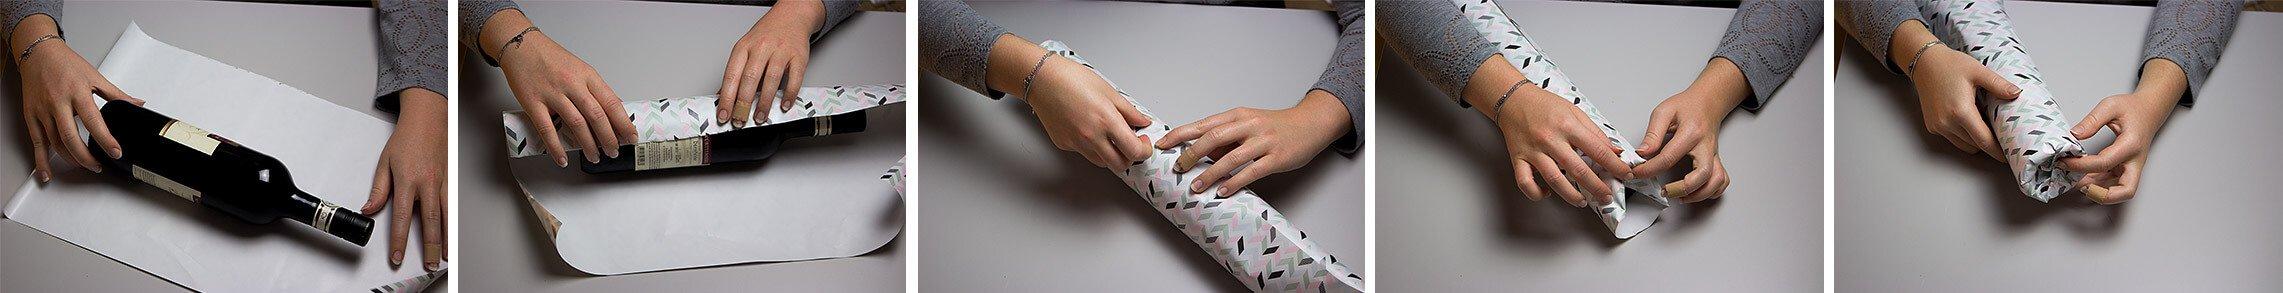 Beliebt Geschenke richtig verpacken - rund, quadratisch und flaschenförmig UT58